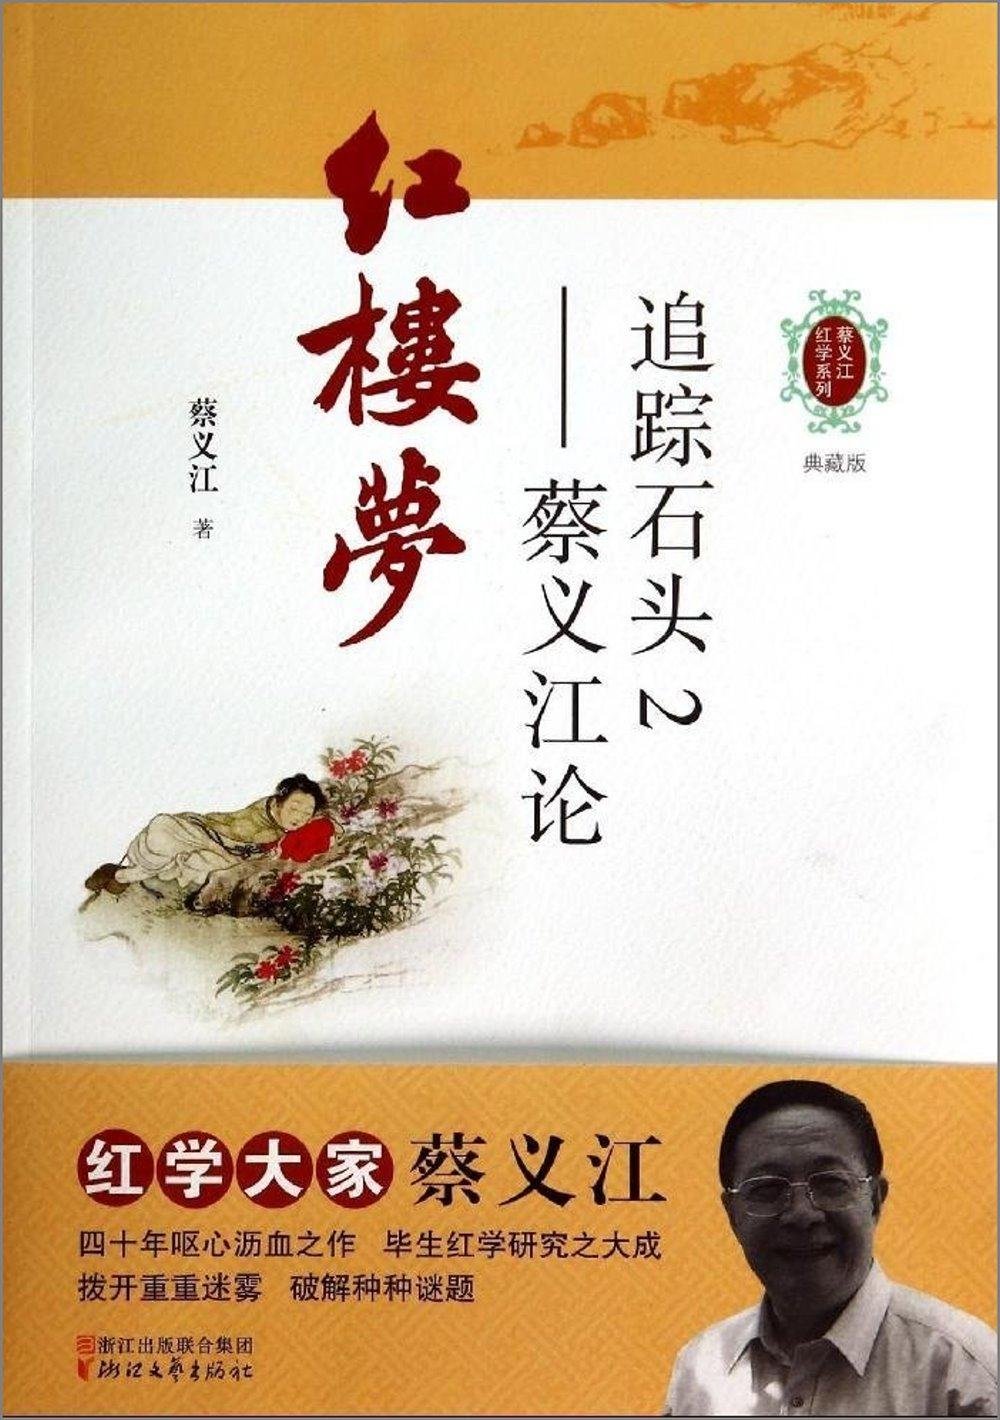 追蹤石頭(2):蔡義江論紅樓夢(典藏版)